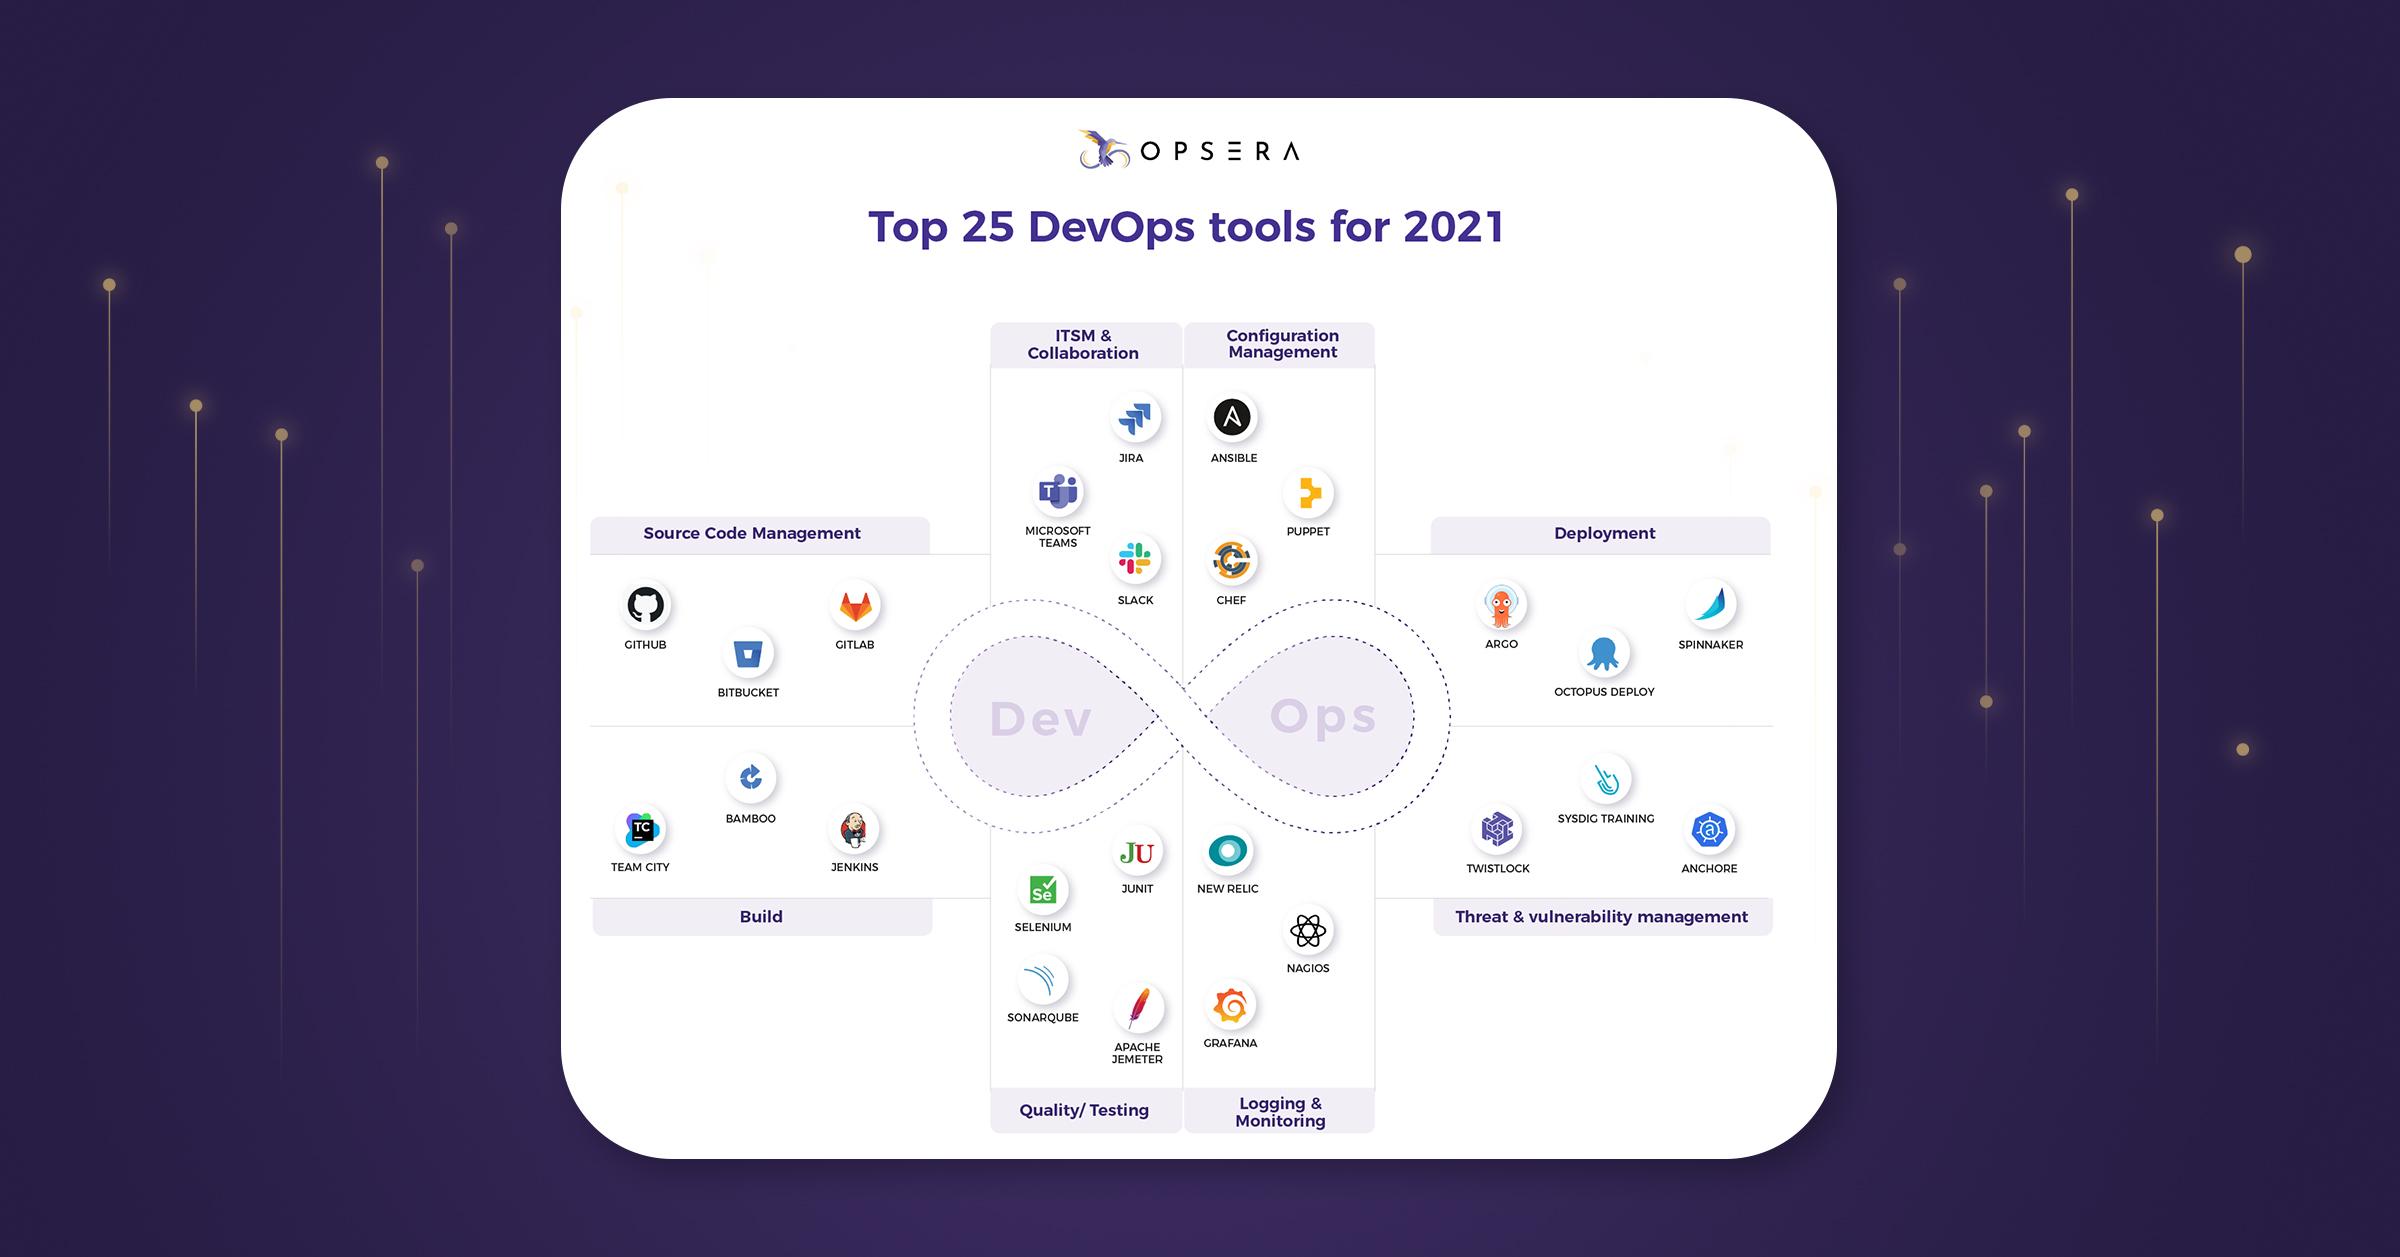 Top 25 DevOps tools for 2021